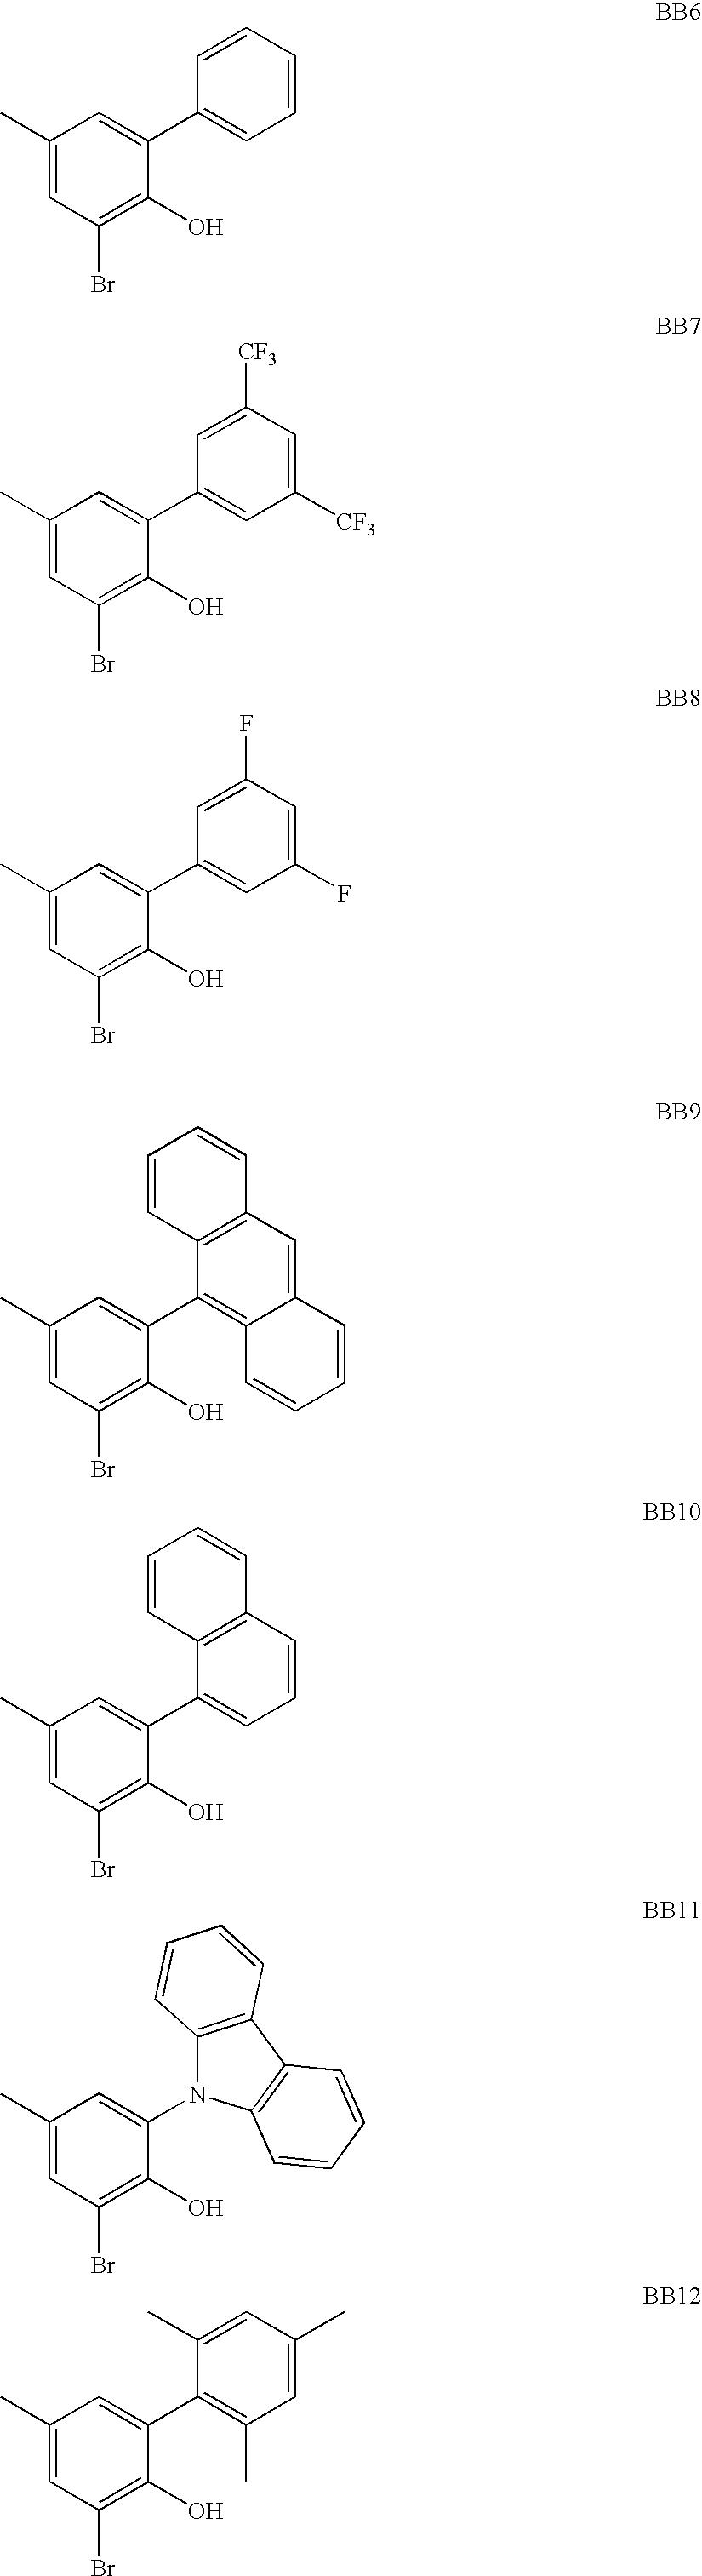 Figure US06897276-20050524-C00046